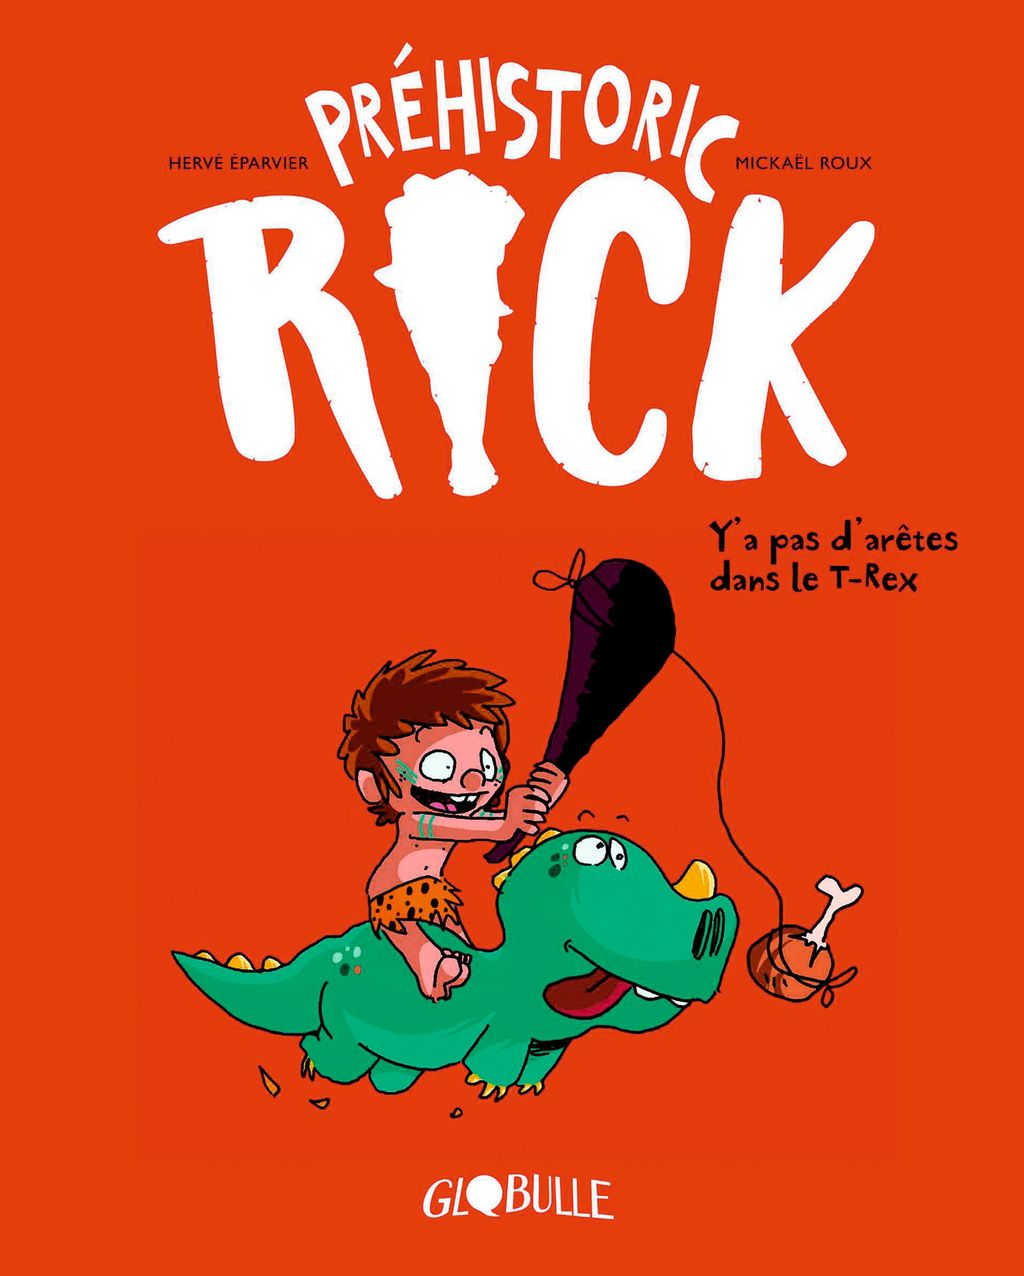 «Préhistoric… Rick Y'a pas d'arêtes dans le T-rex» cover